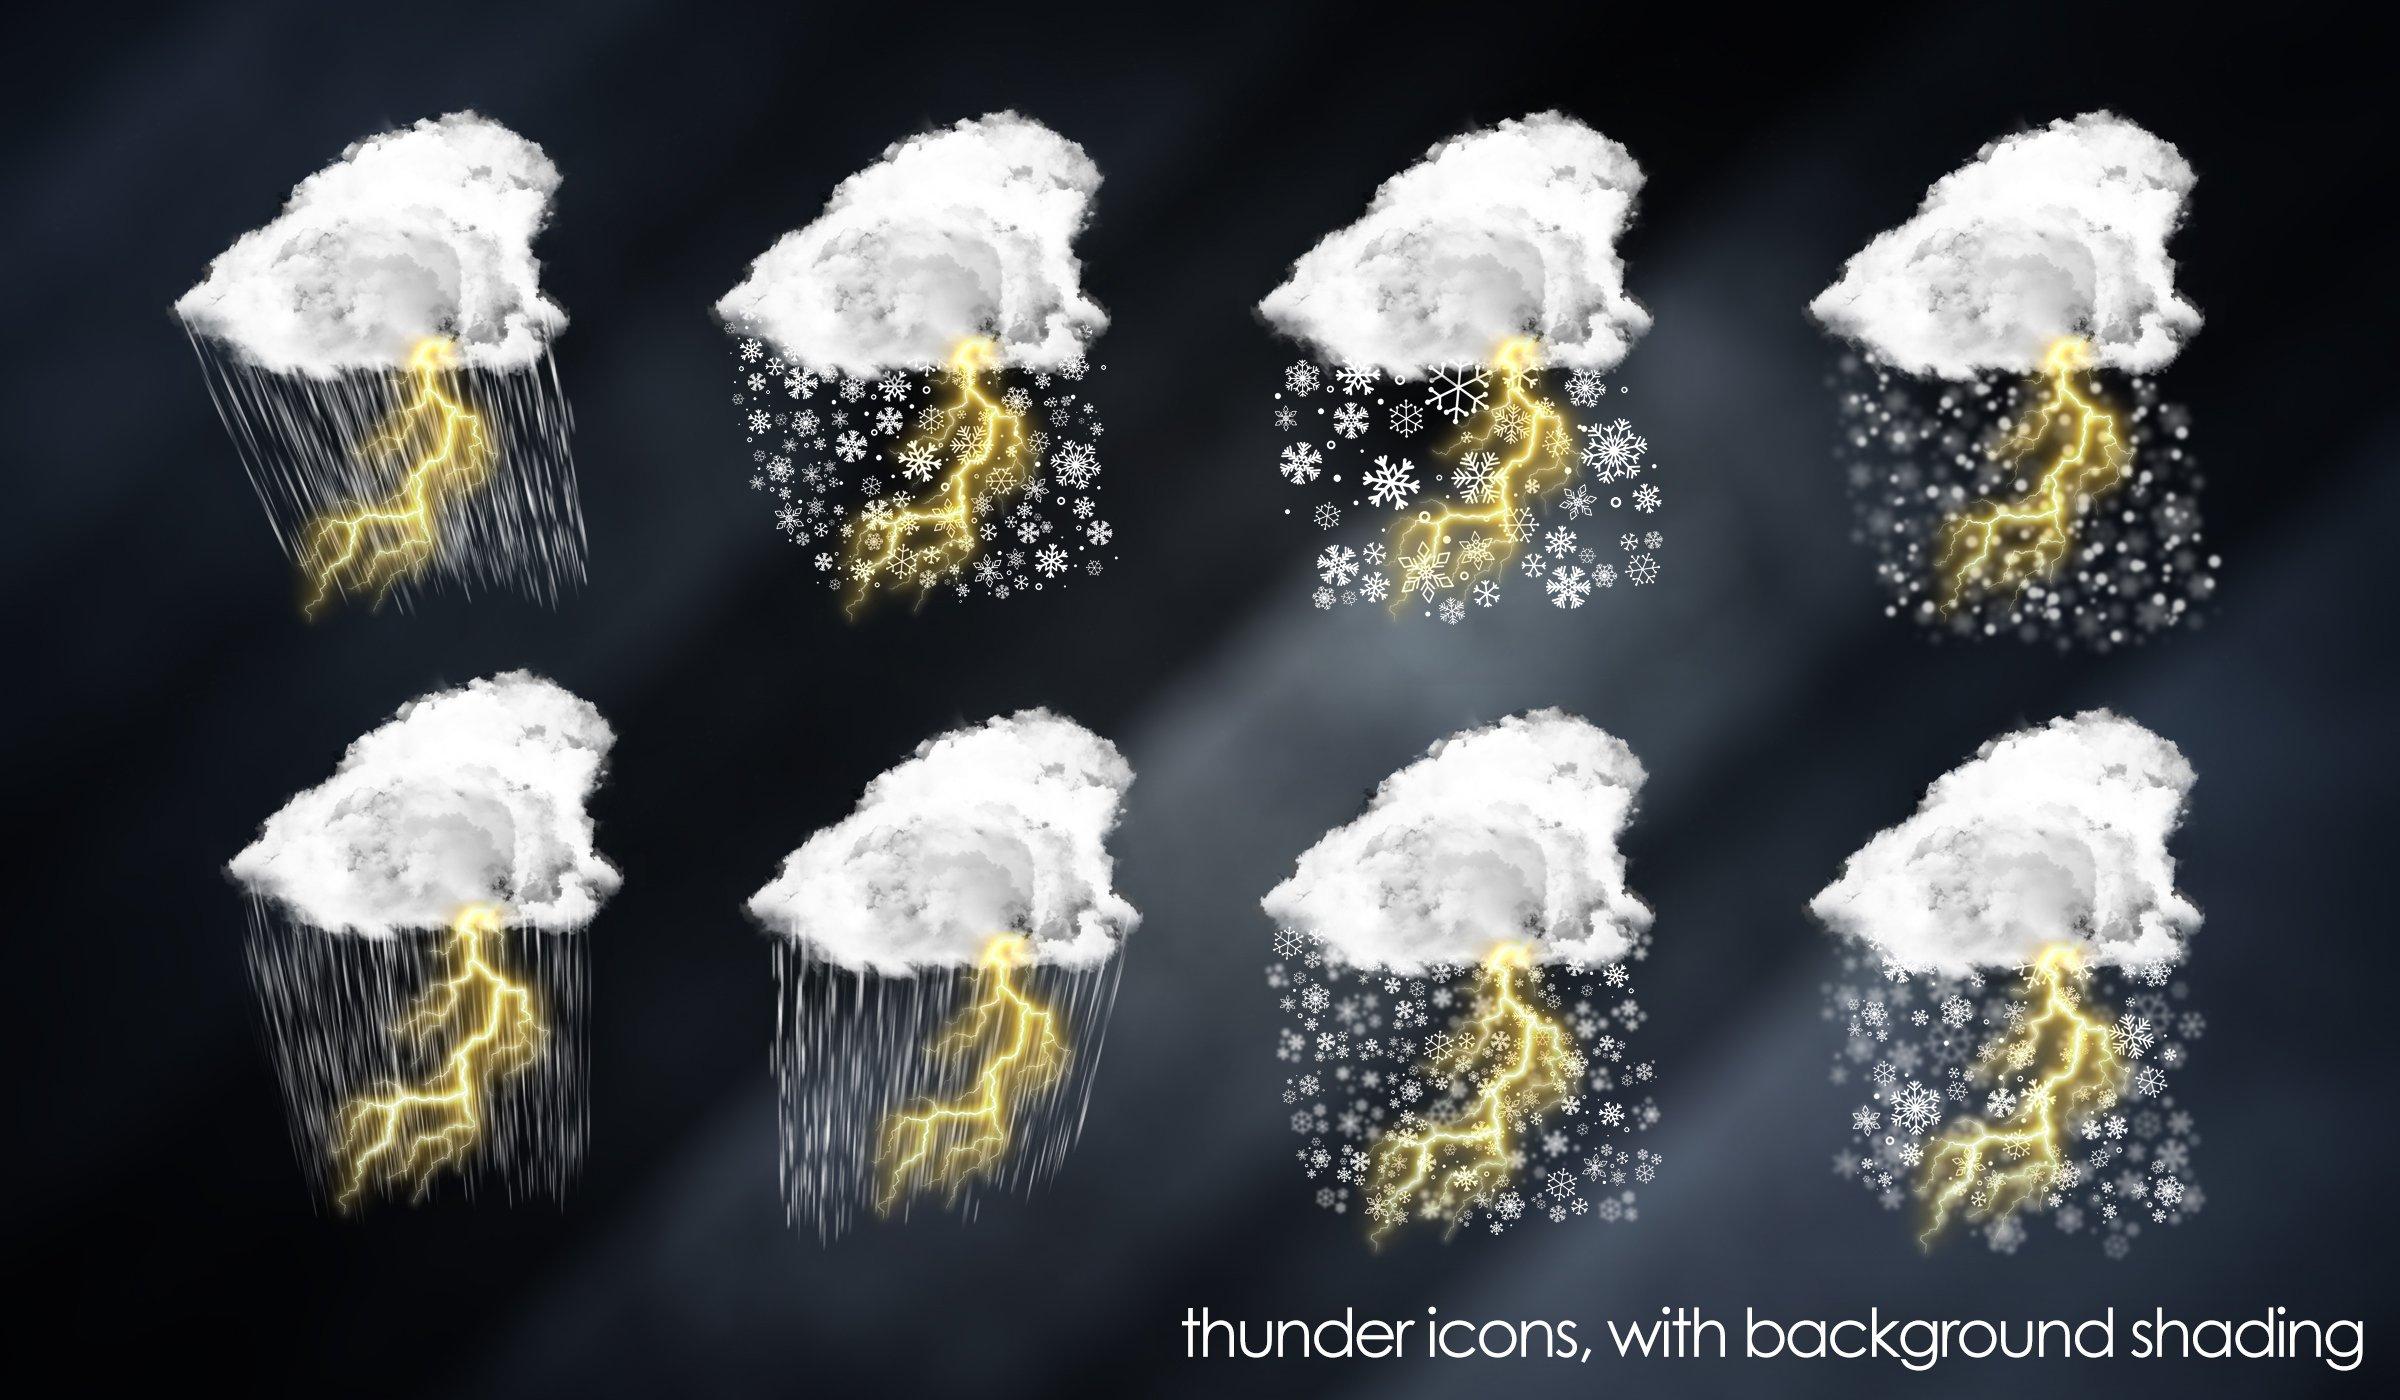 thunder 7